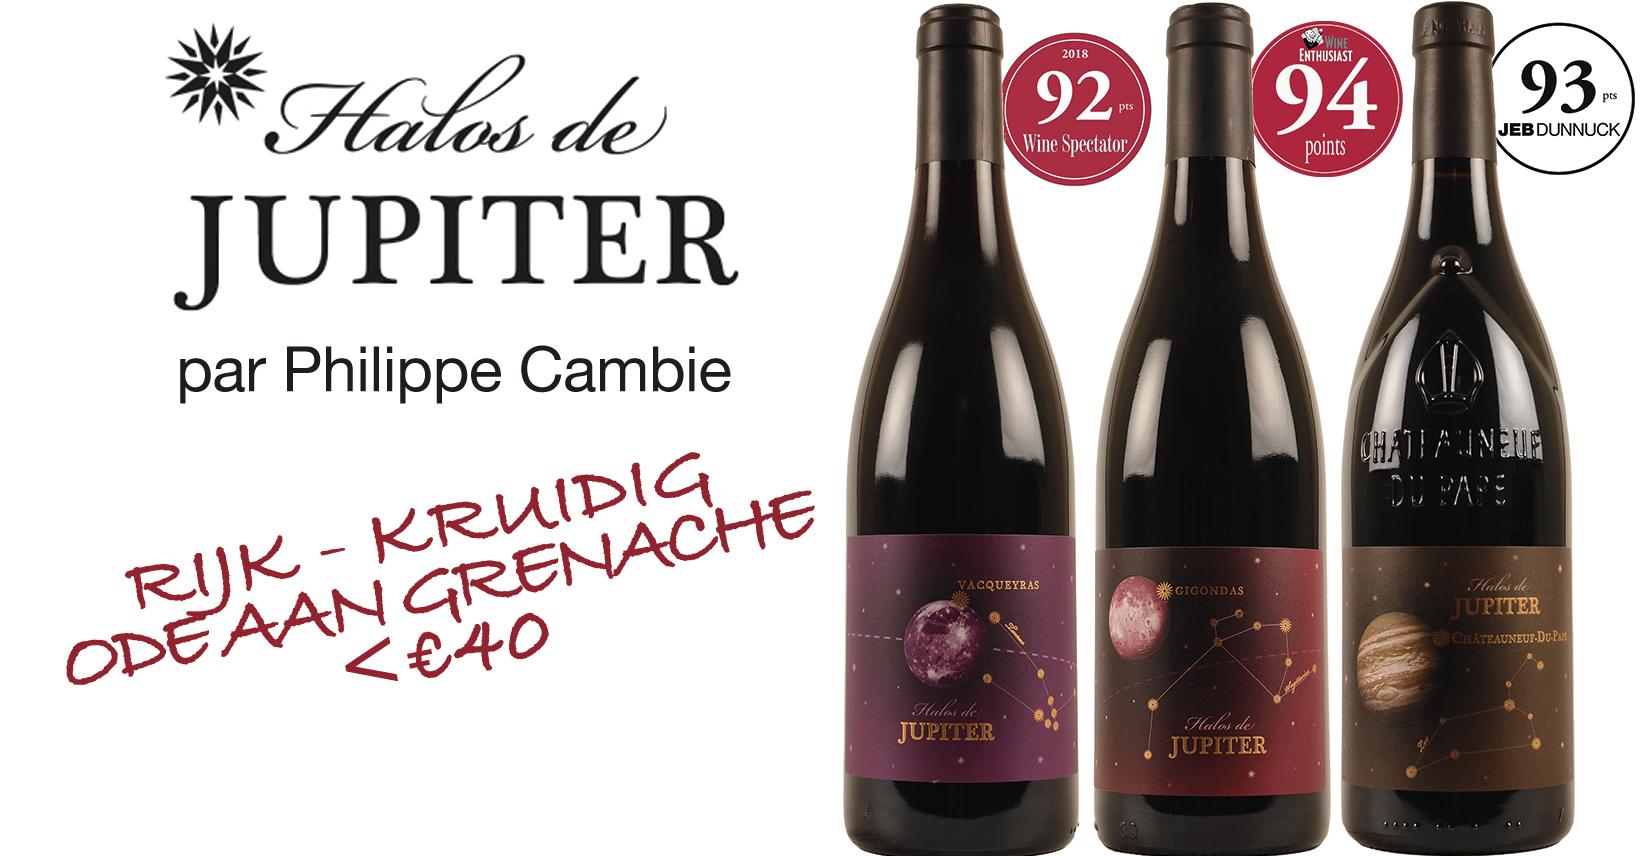 halos de jupiter philippe cambie top wijn frankrijk grenache rhonepromo